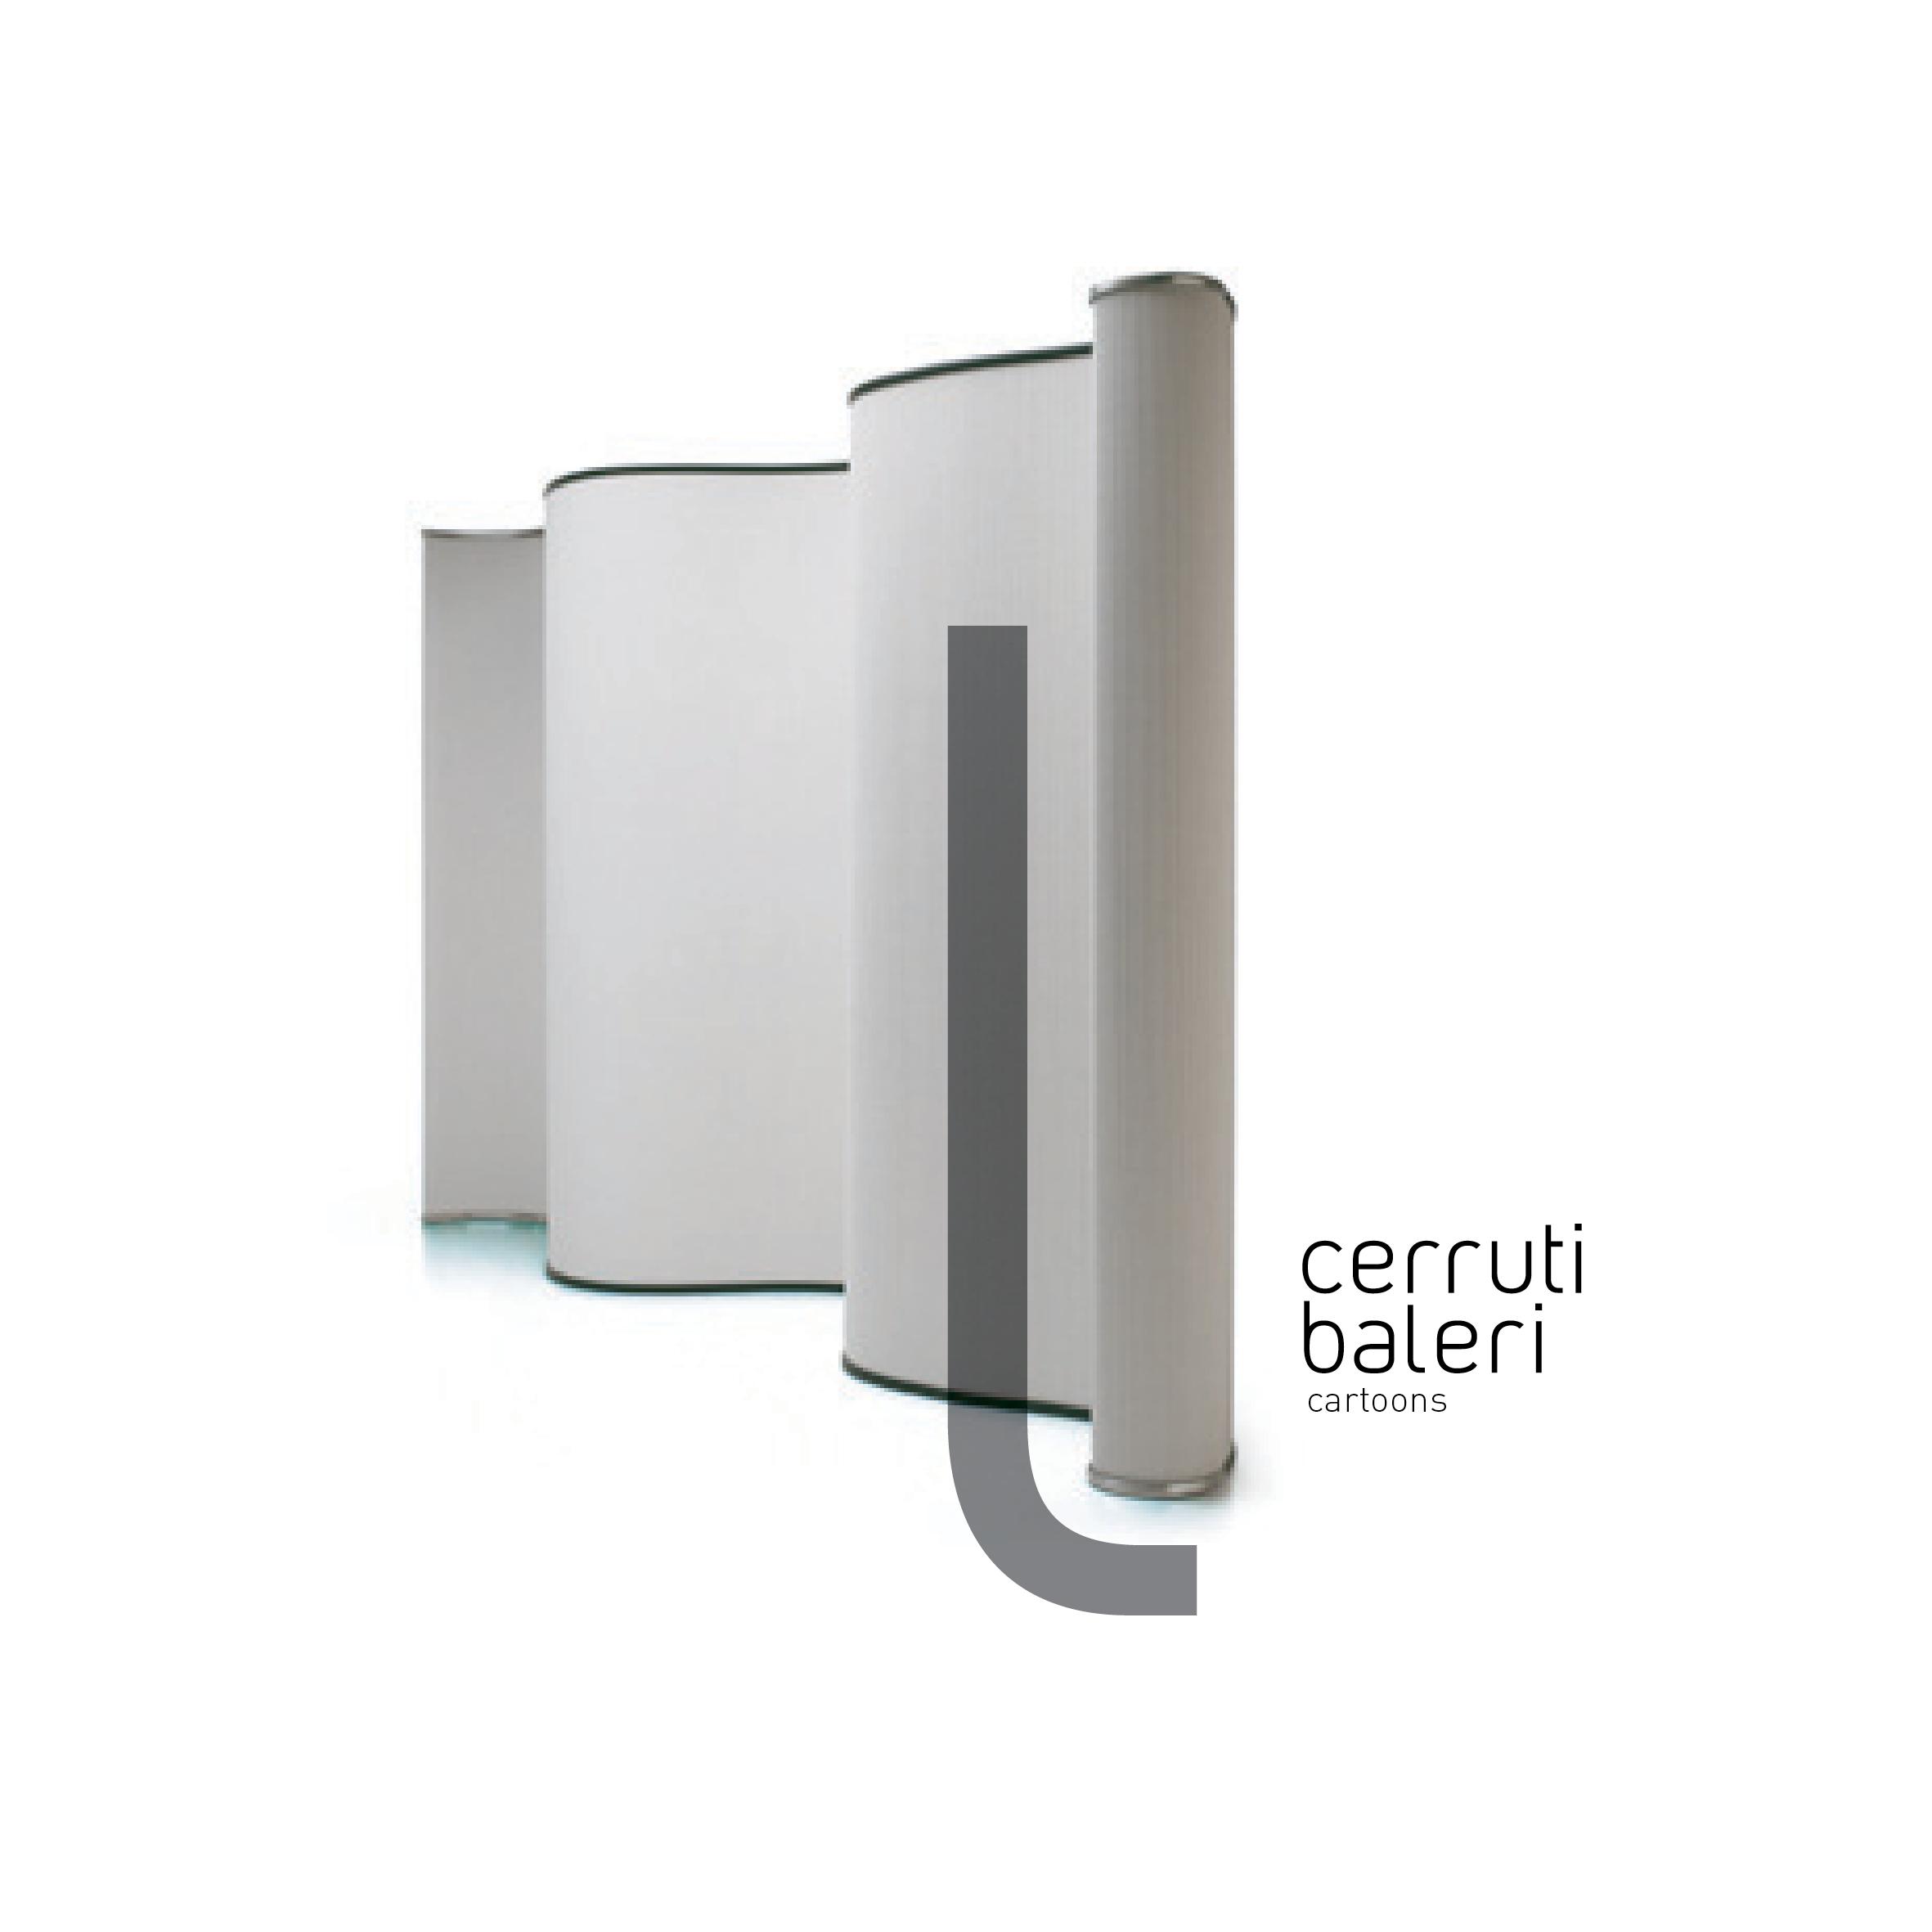 cerrutbaleri_lettere logo-okp5.jpg